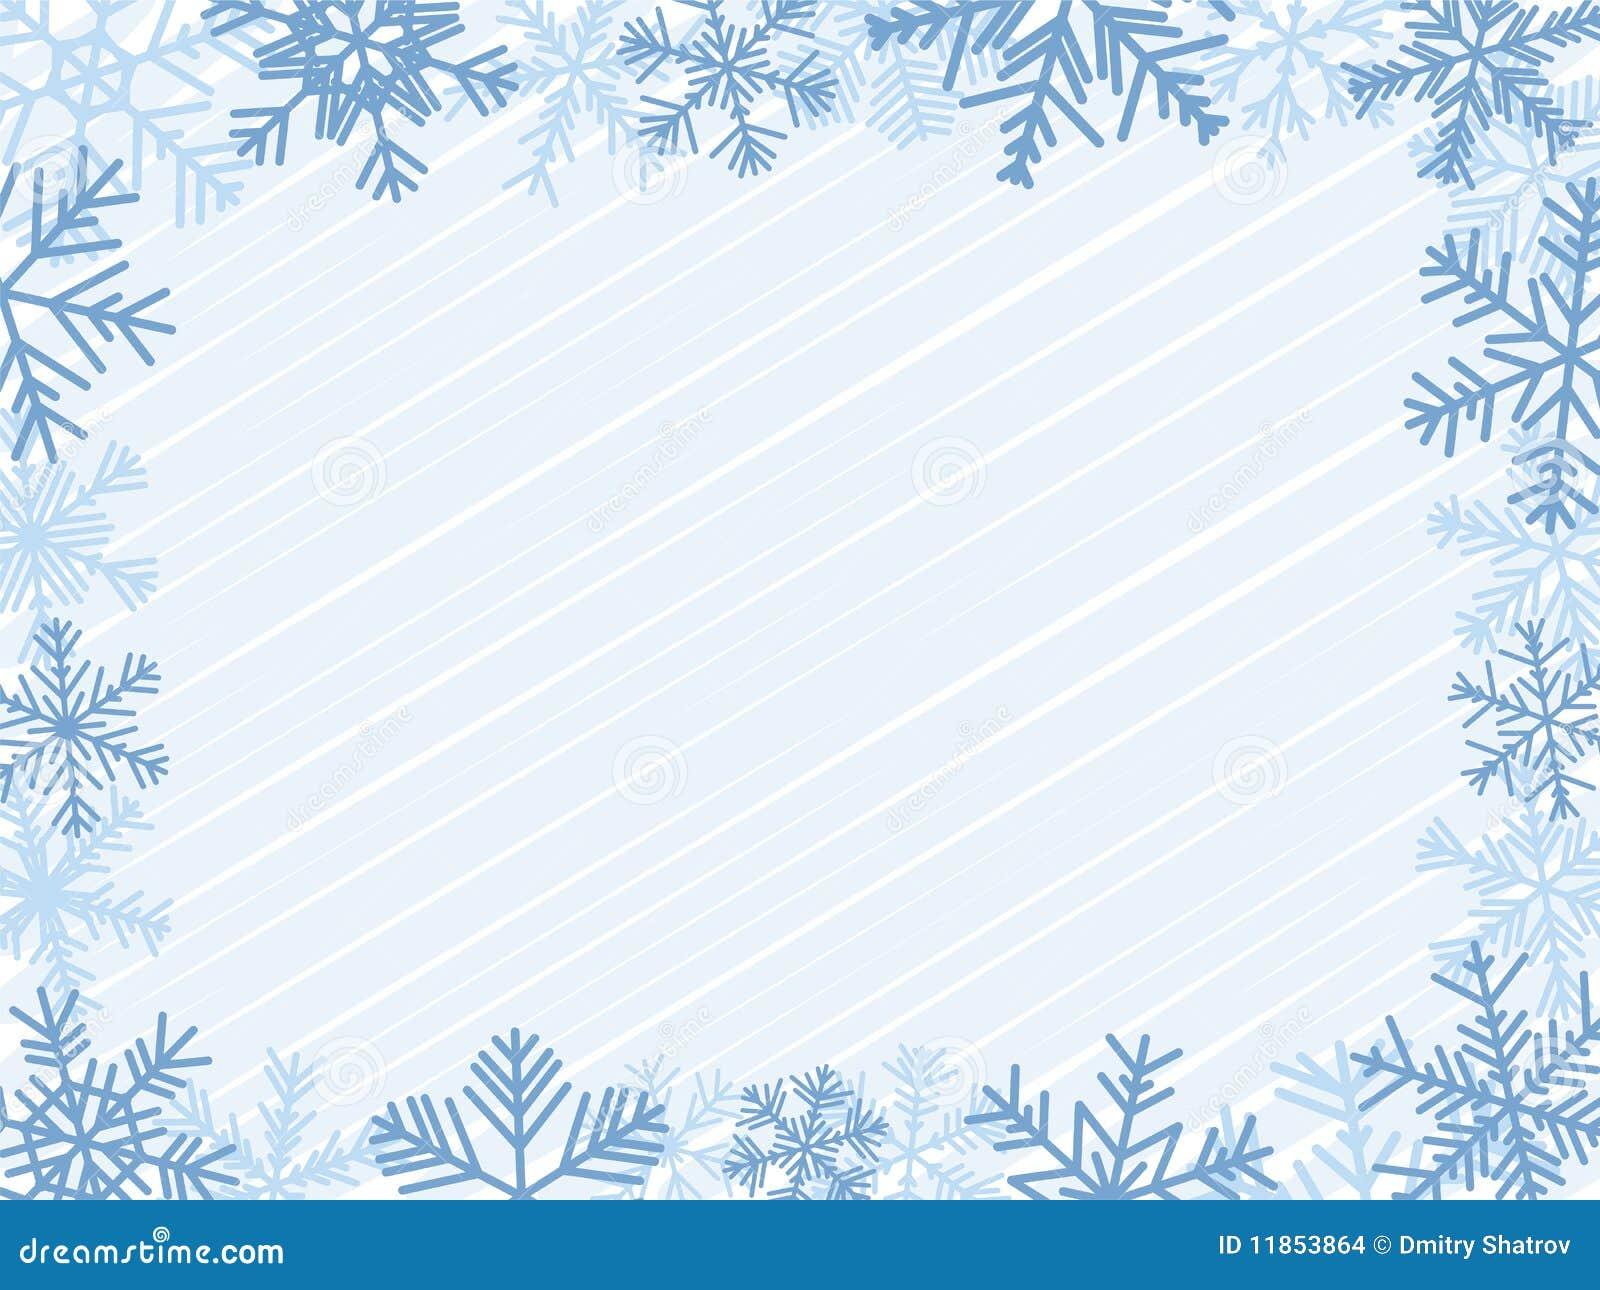 Winter Frame Winter frame